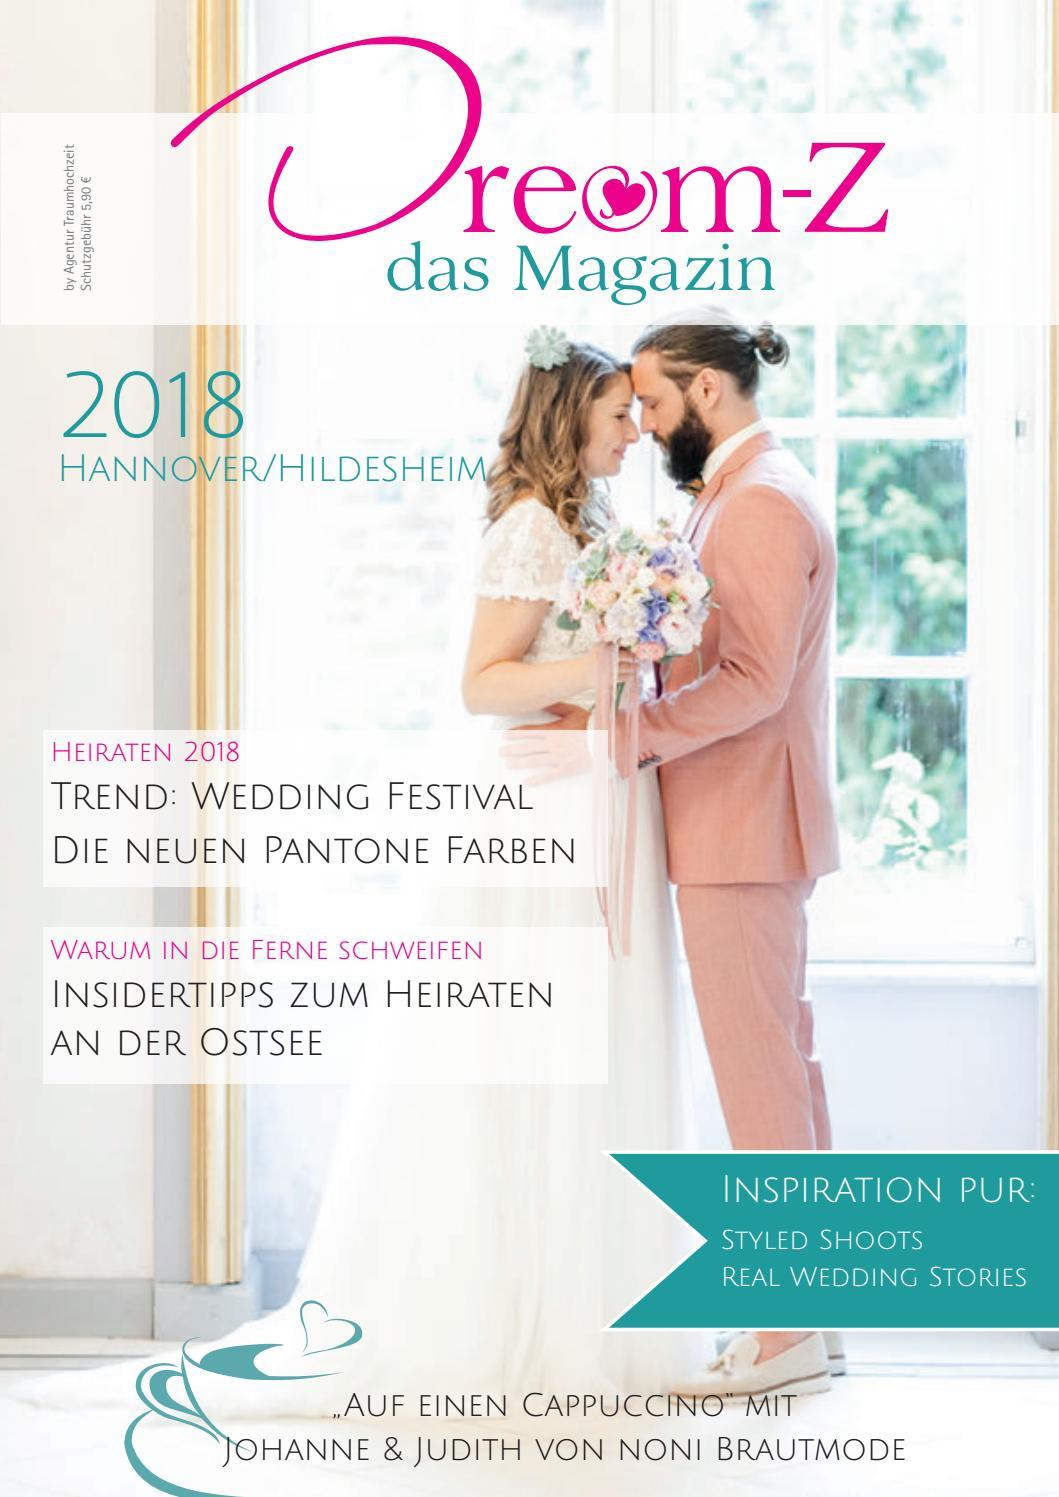 Dream-Z das Magazin 2018 Hannover und Hildesheim by agentur ...